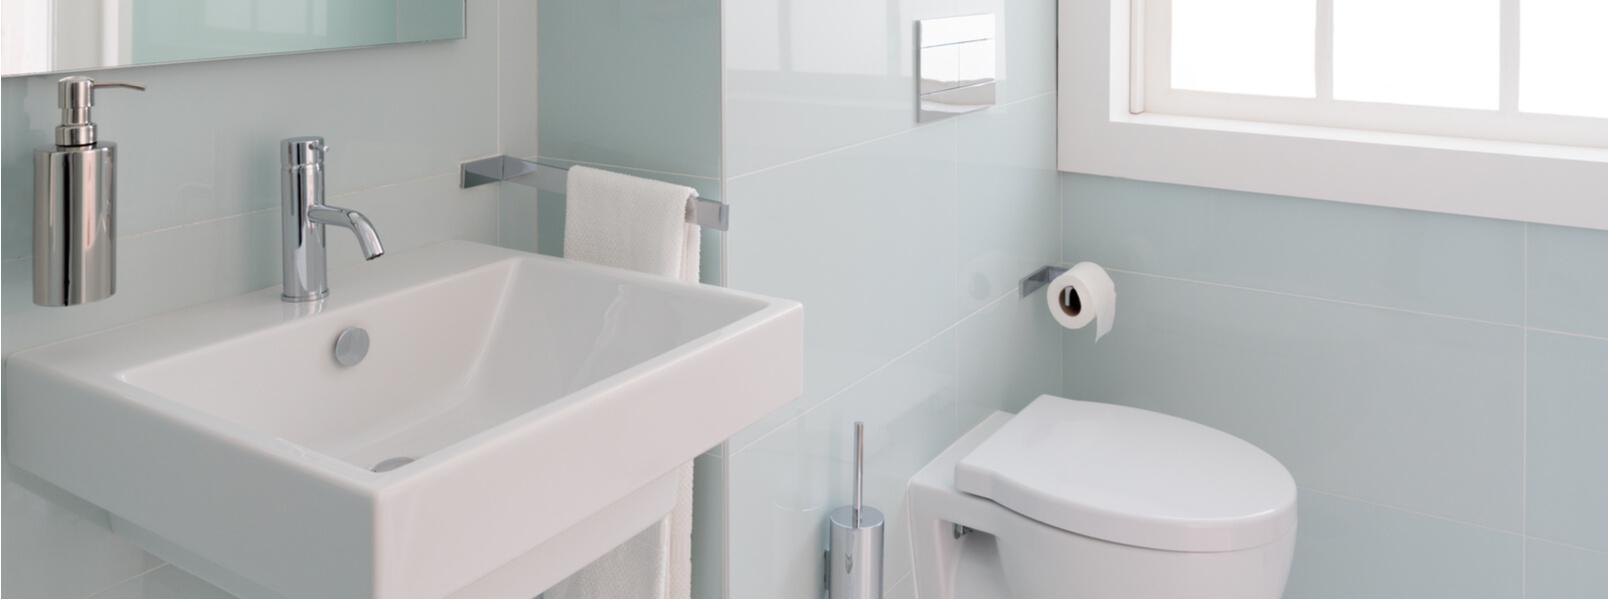 Salle De Bain Et Wc Dans Espace Reduit comment maximiser l'espace d'une petite salle de bain | 10